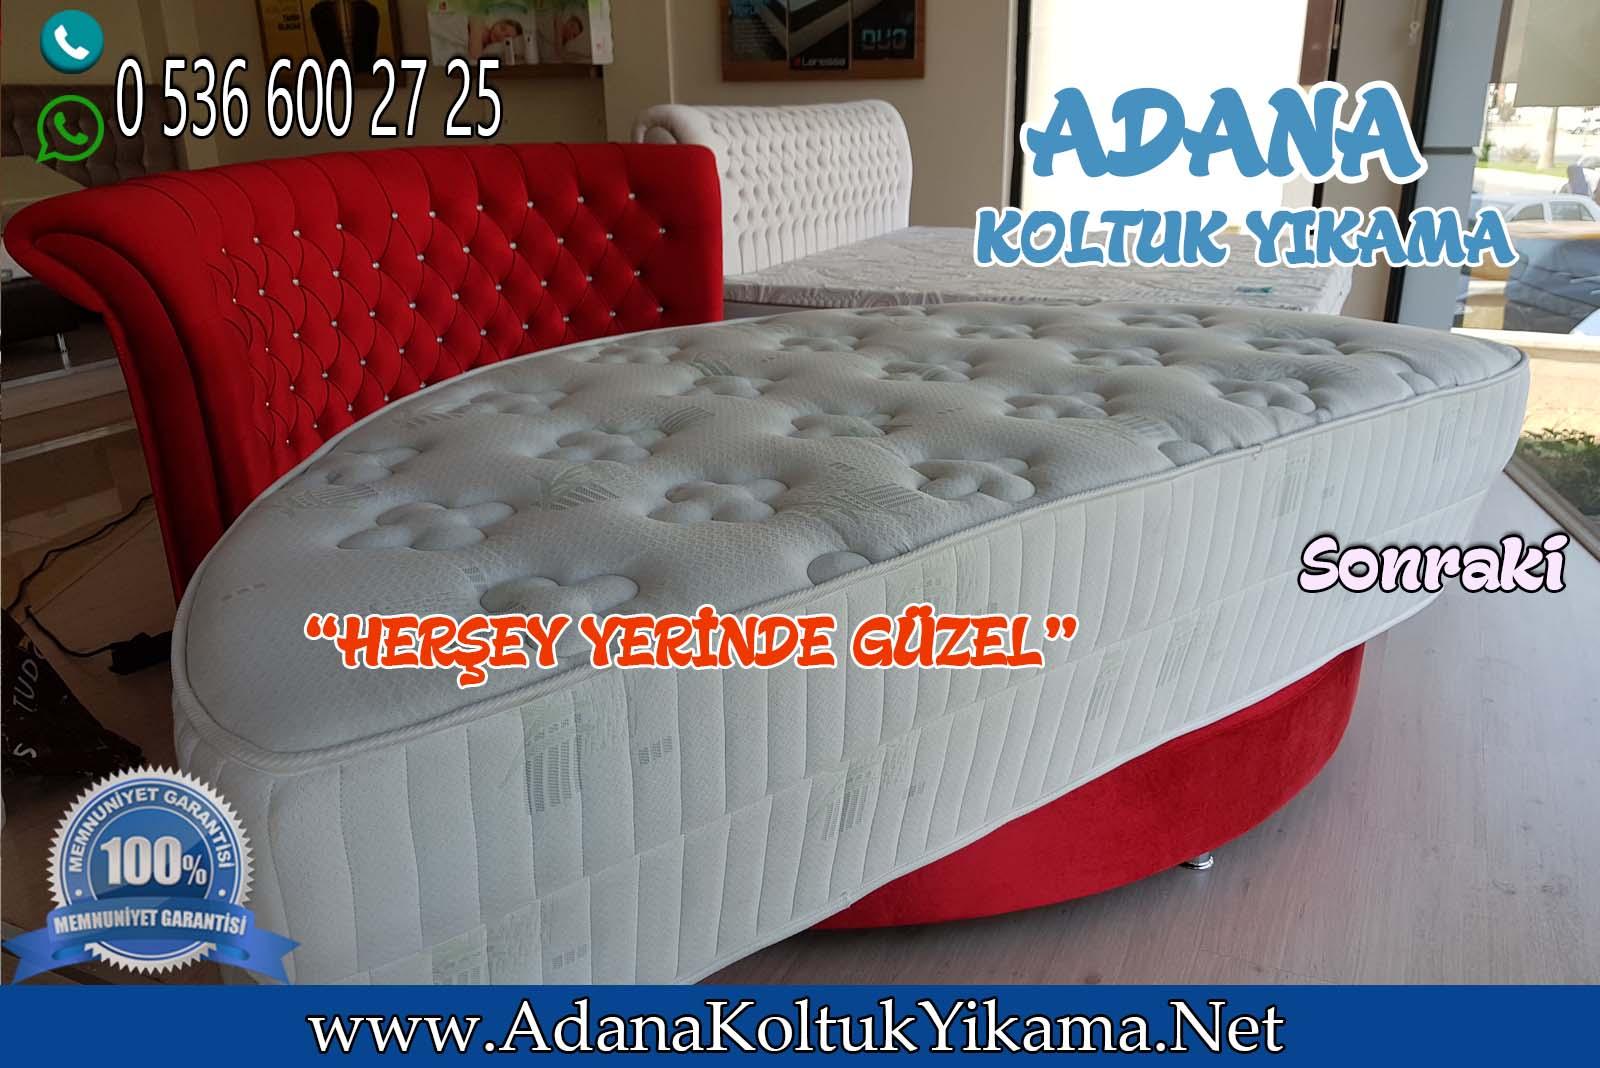 Adana Koltuk Yıkama İle Laressa  Yatak ShowRoom Temizliği